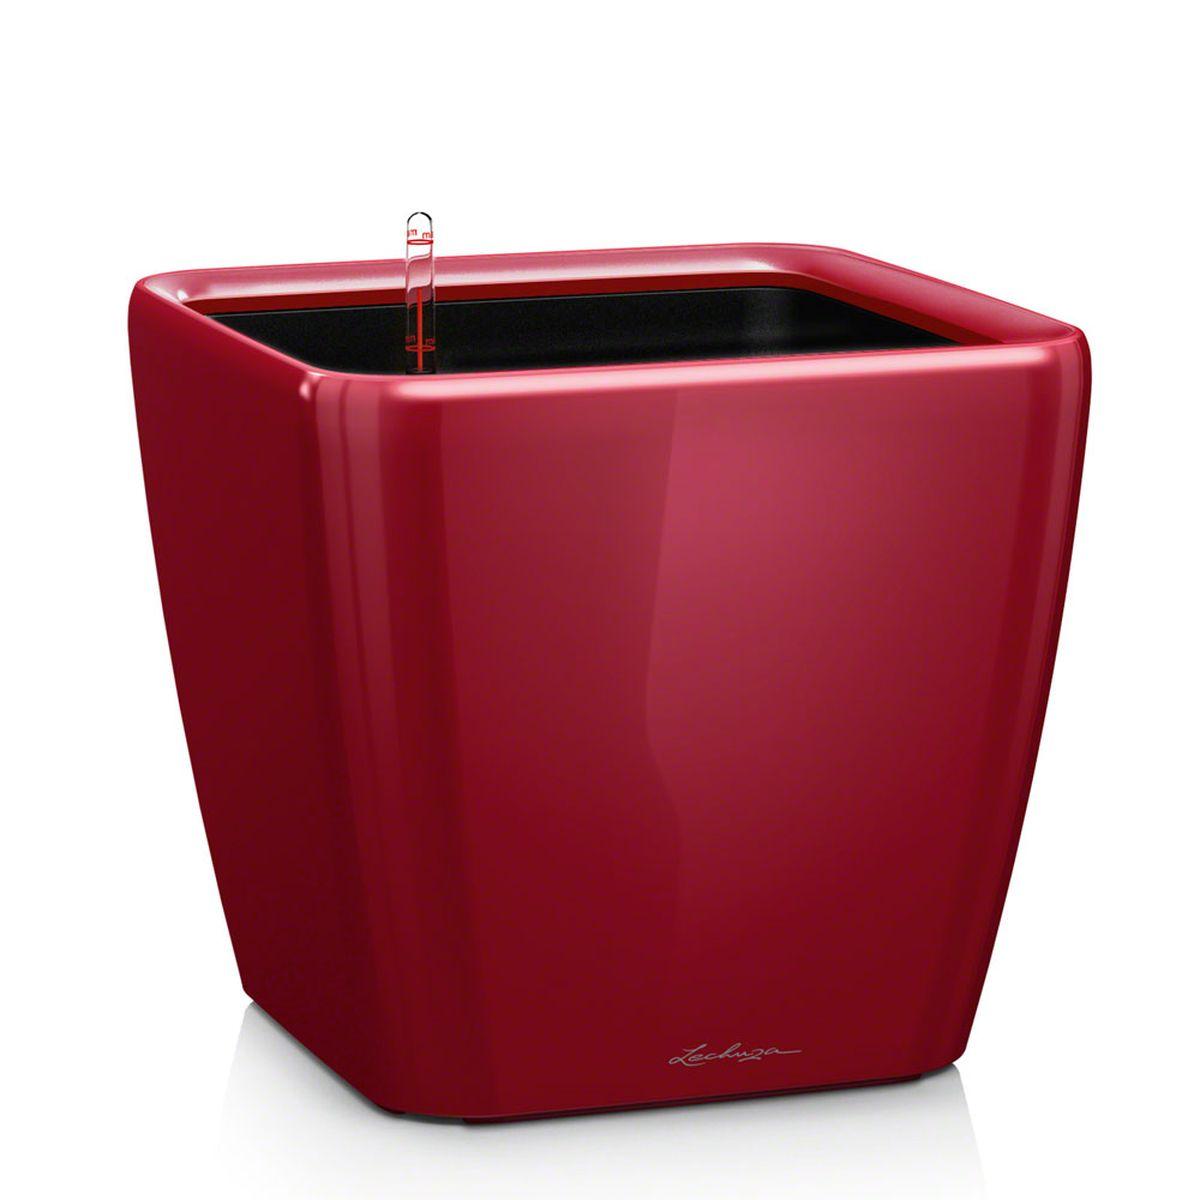 Кашпо Lechuza Quadro, с системой автополива, цвет: красный, 43 х 43 х 40 см13130Кашпо Lechuza Quadro, выполненное извысококачественного пластика, имеет уникальную системуавтополива, благодаря которой корневая система растениянепрерывно снабжается влагой из резервуара. Уровень водыв резервуаре контролируется с помощью специальногоиндикатора. В зависимости от размера кашпо и растенияводы хватает на 2-12 недель. Это способствует хорошему ростуцветов и предотвращает переувлажнение. В набор входит: кашпо, внутренний горшок, индикатор уровняводы, вал подачи воды, субстрат растений в качестведренажного слоя, резервуар для воды.Кашпо Lechuza Quadro прекрасно впишется в любойинтерьер. Оно поможет расставить нужные акценты, а такжепридаст помещению вид, соответствующий вашимпредставлениям.